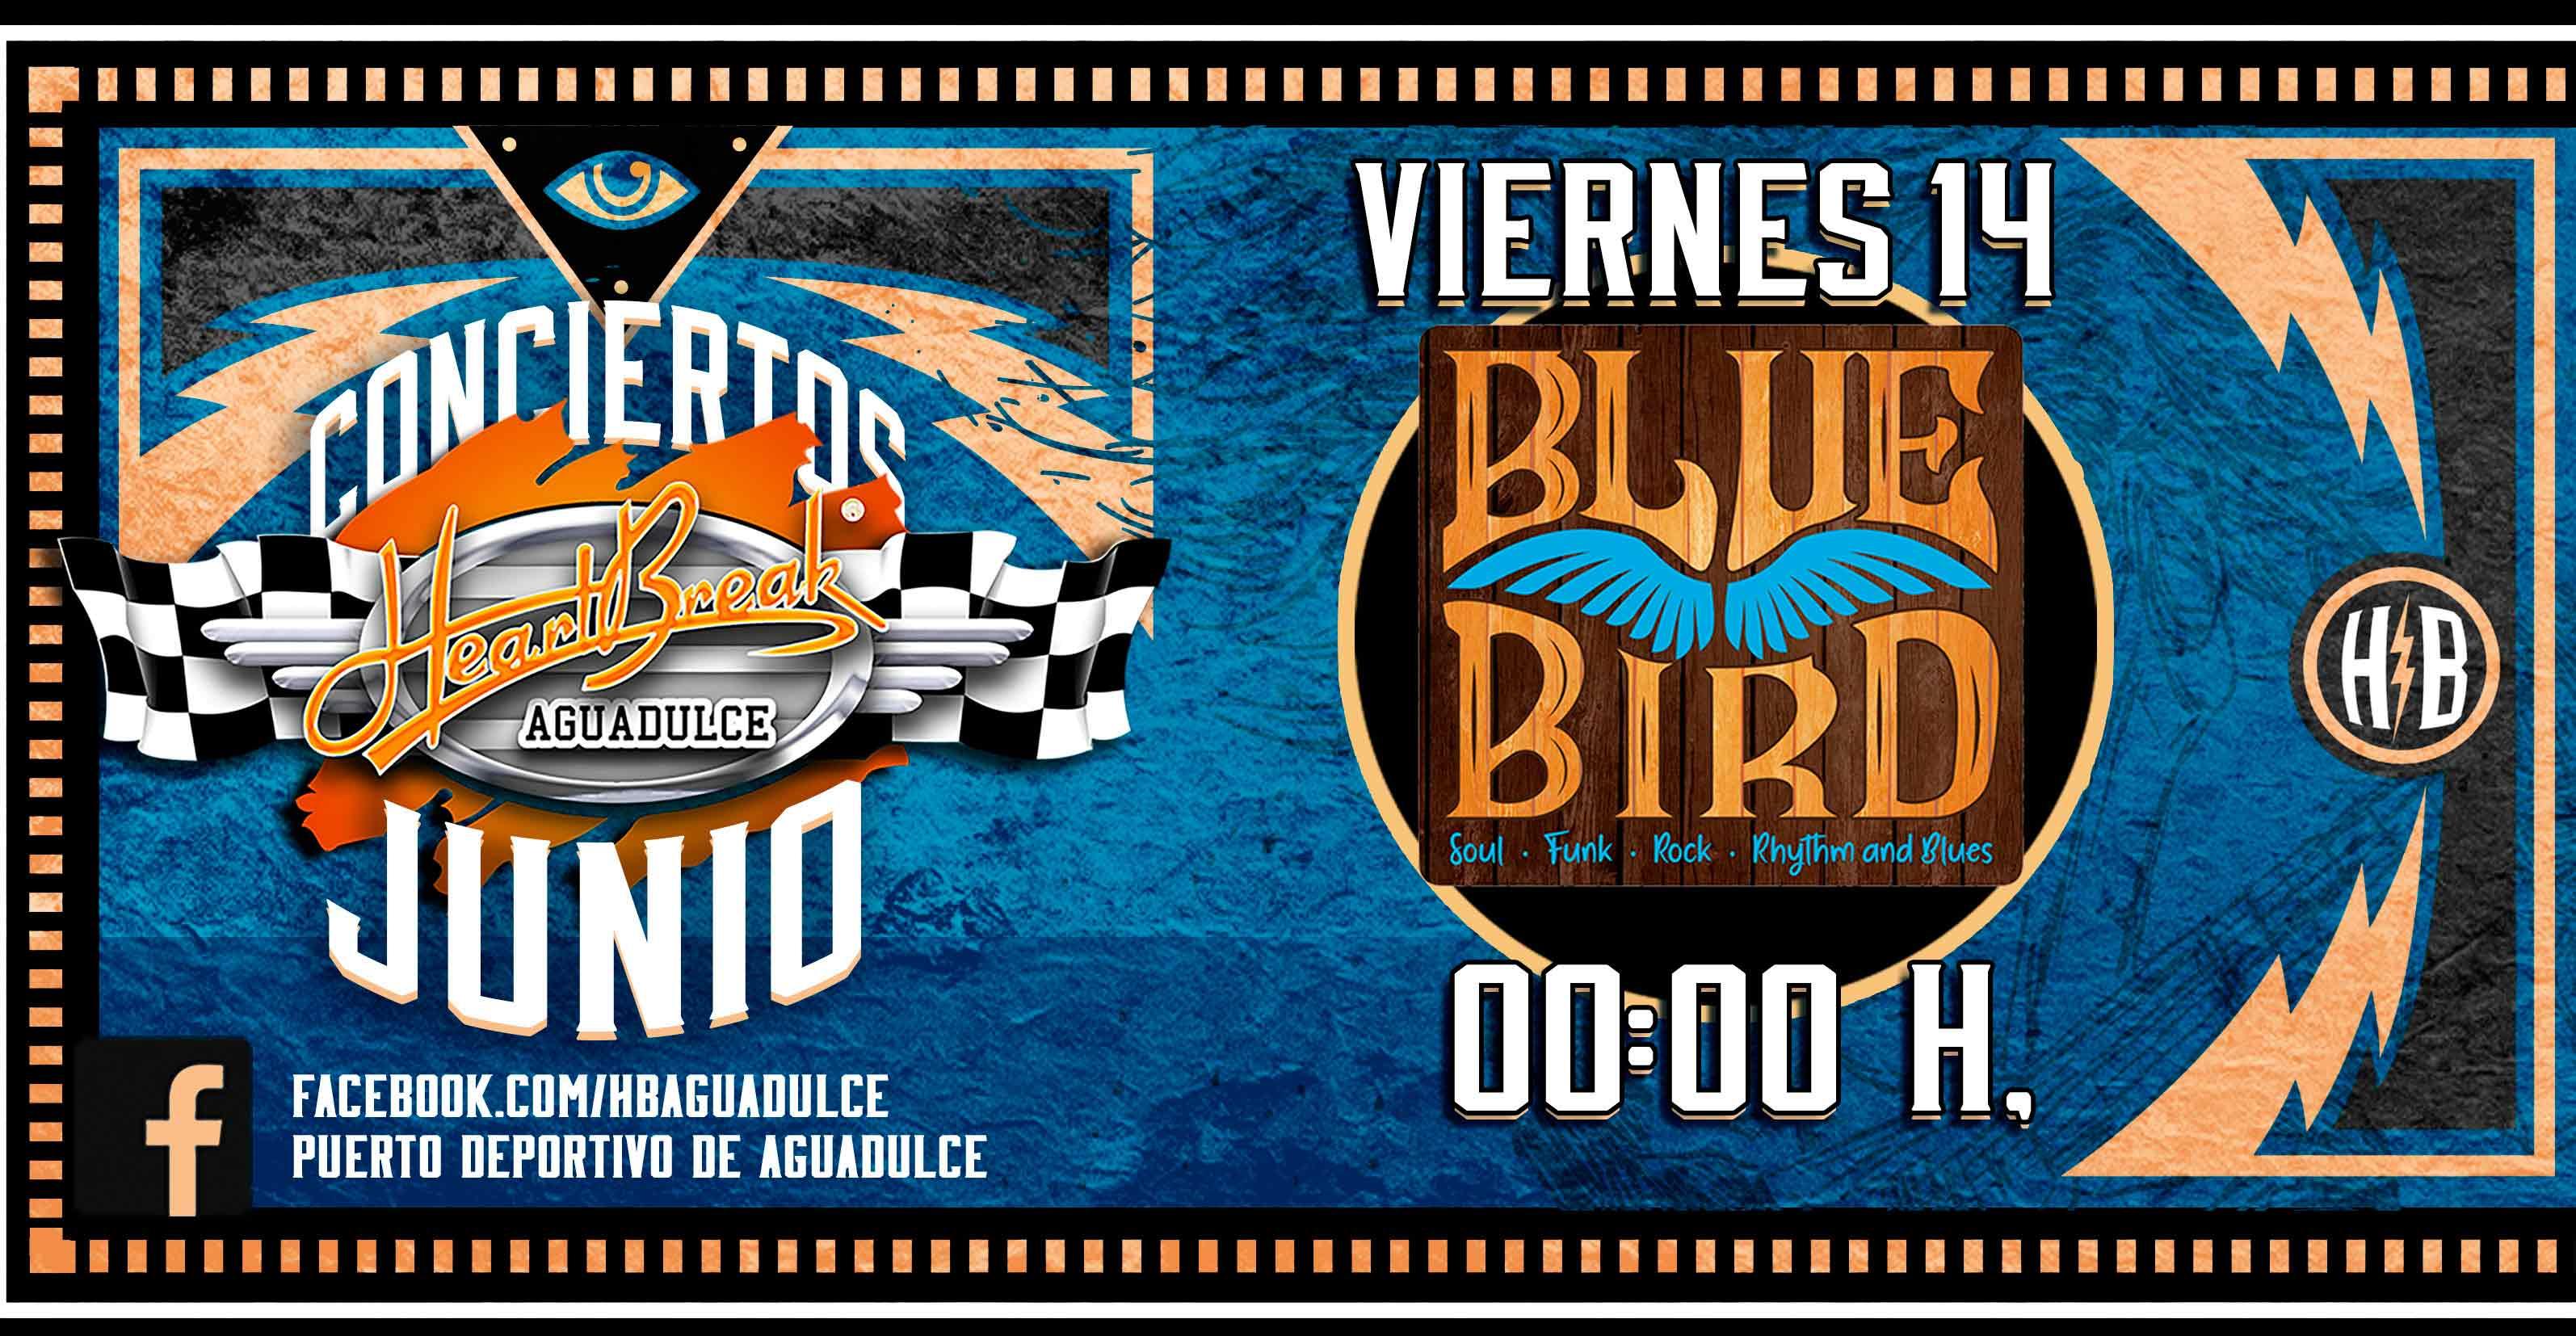 Concierto de Blue Bird Band